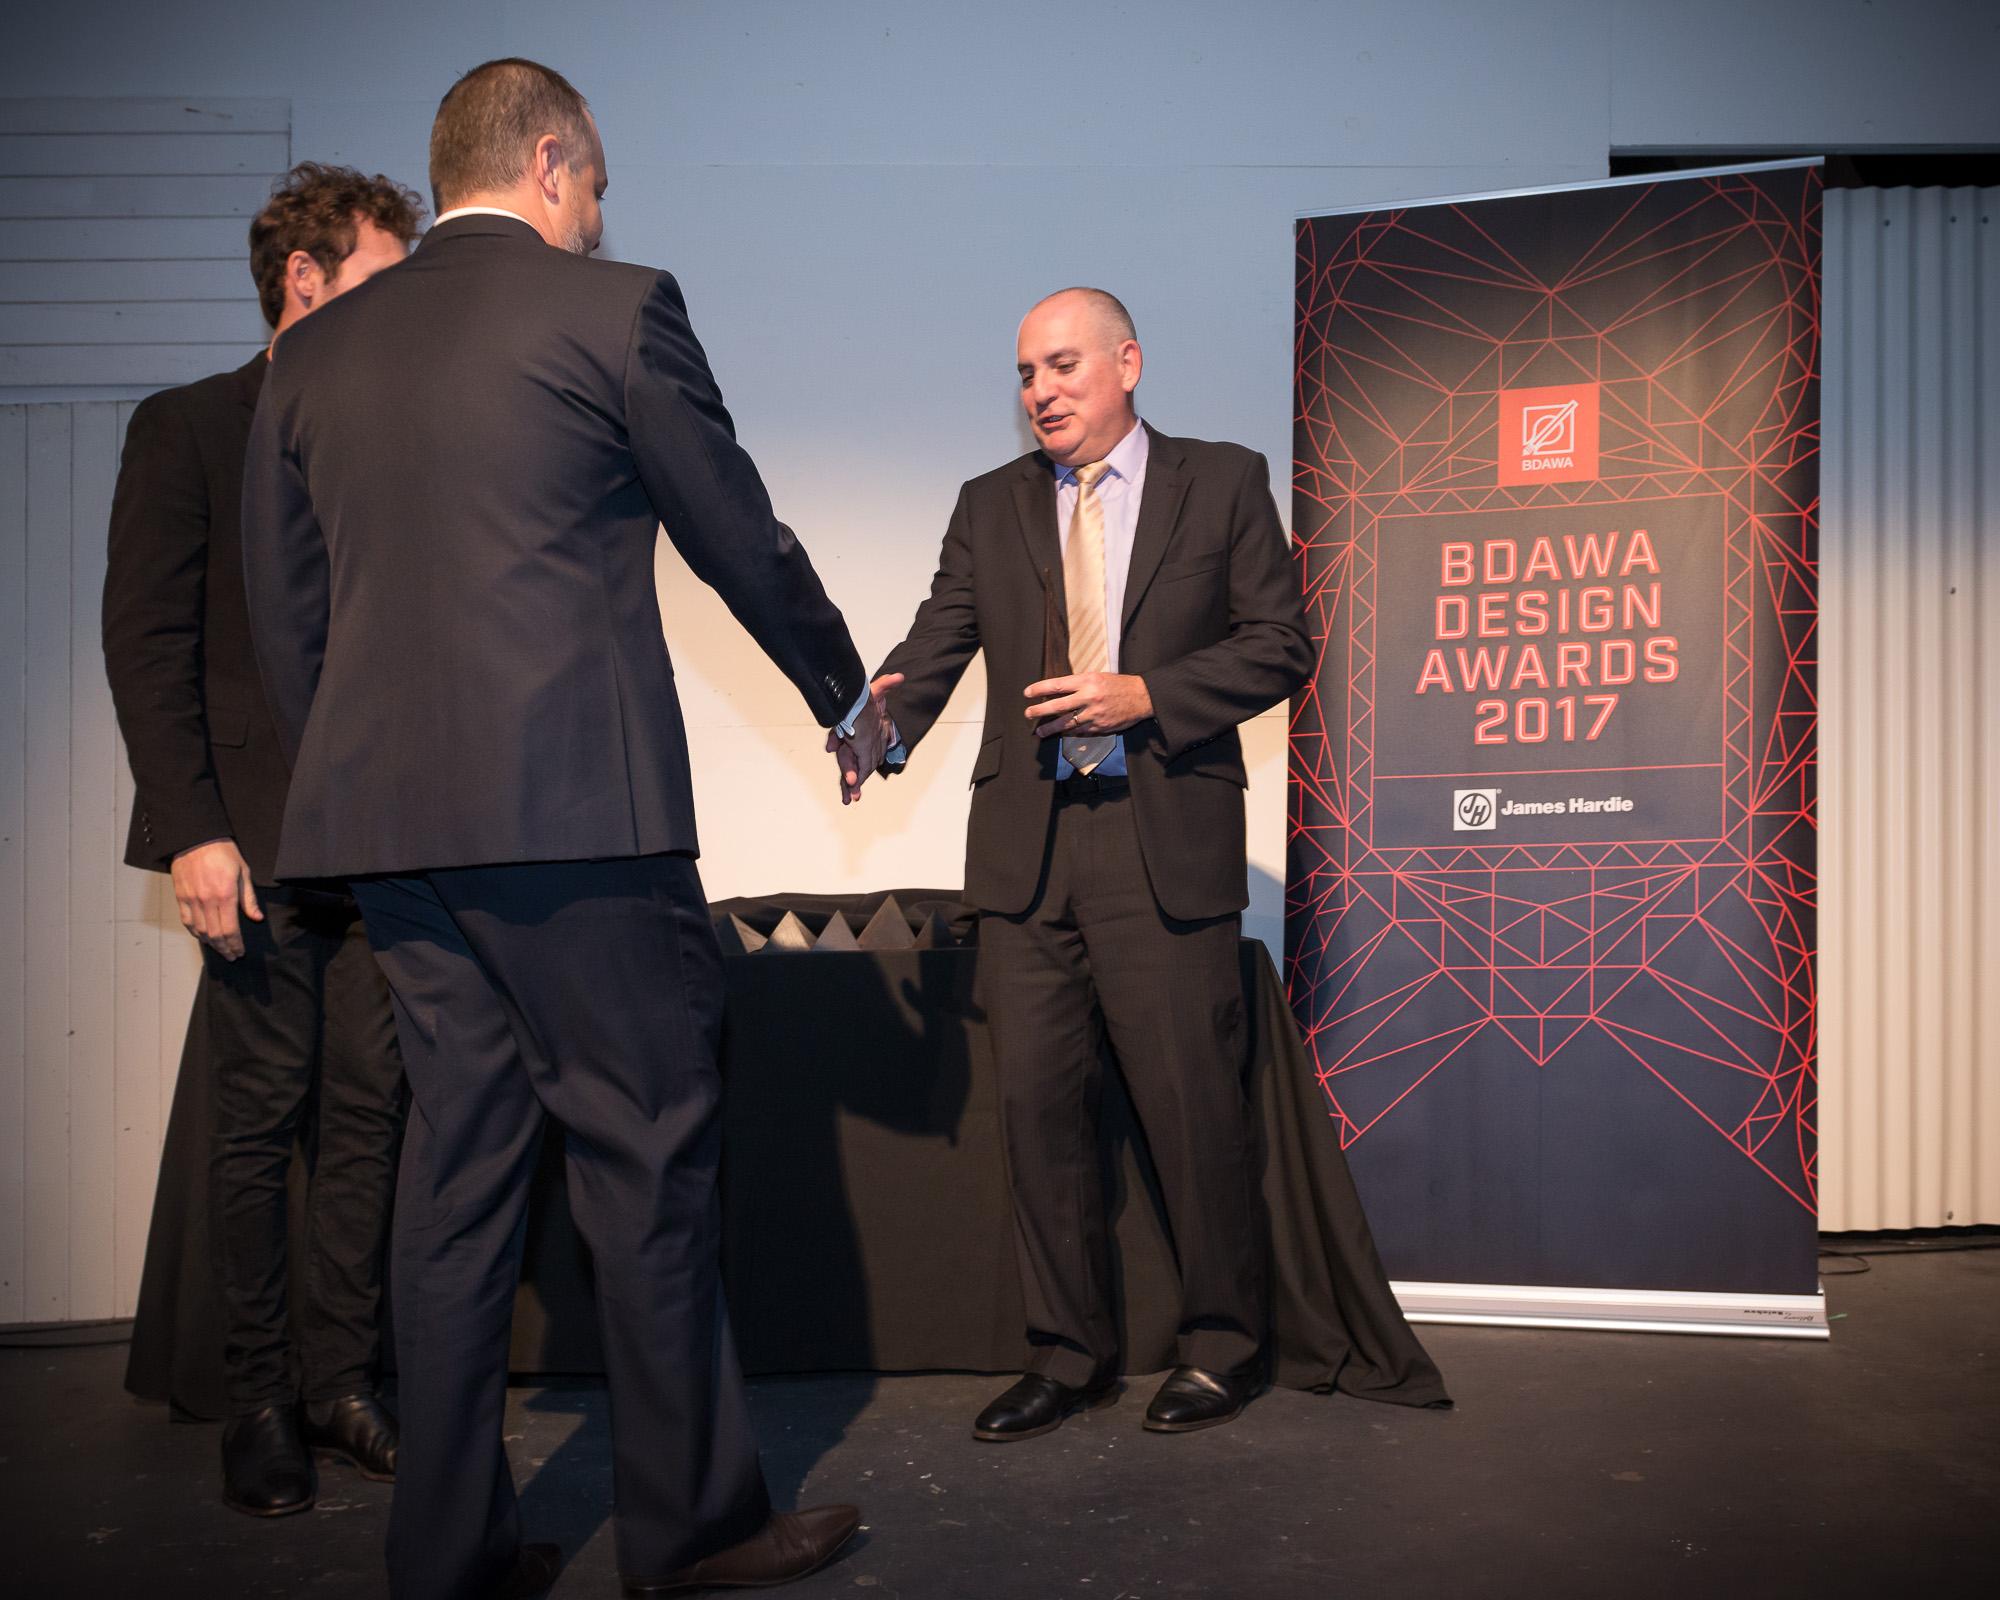 0136 BDA WA Awards 2017 _JHG7354.jpg